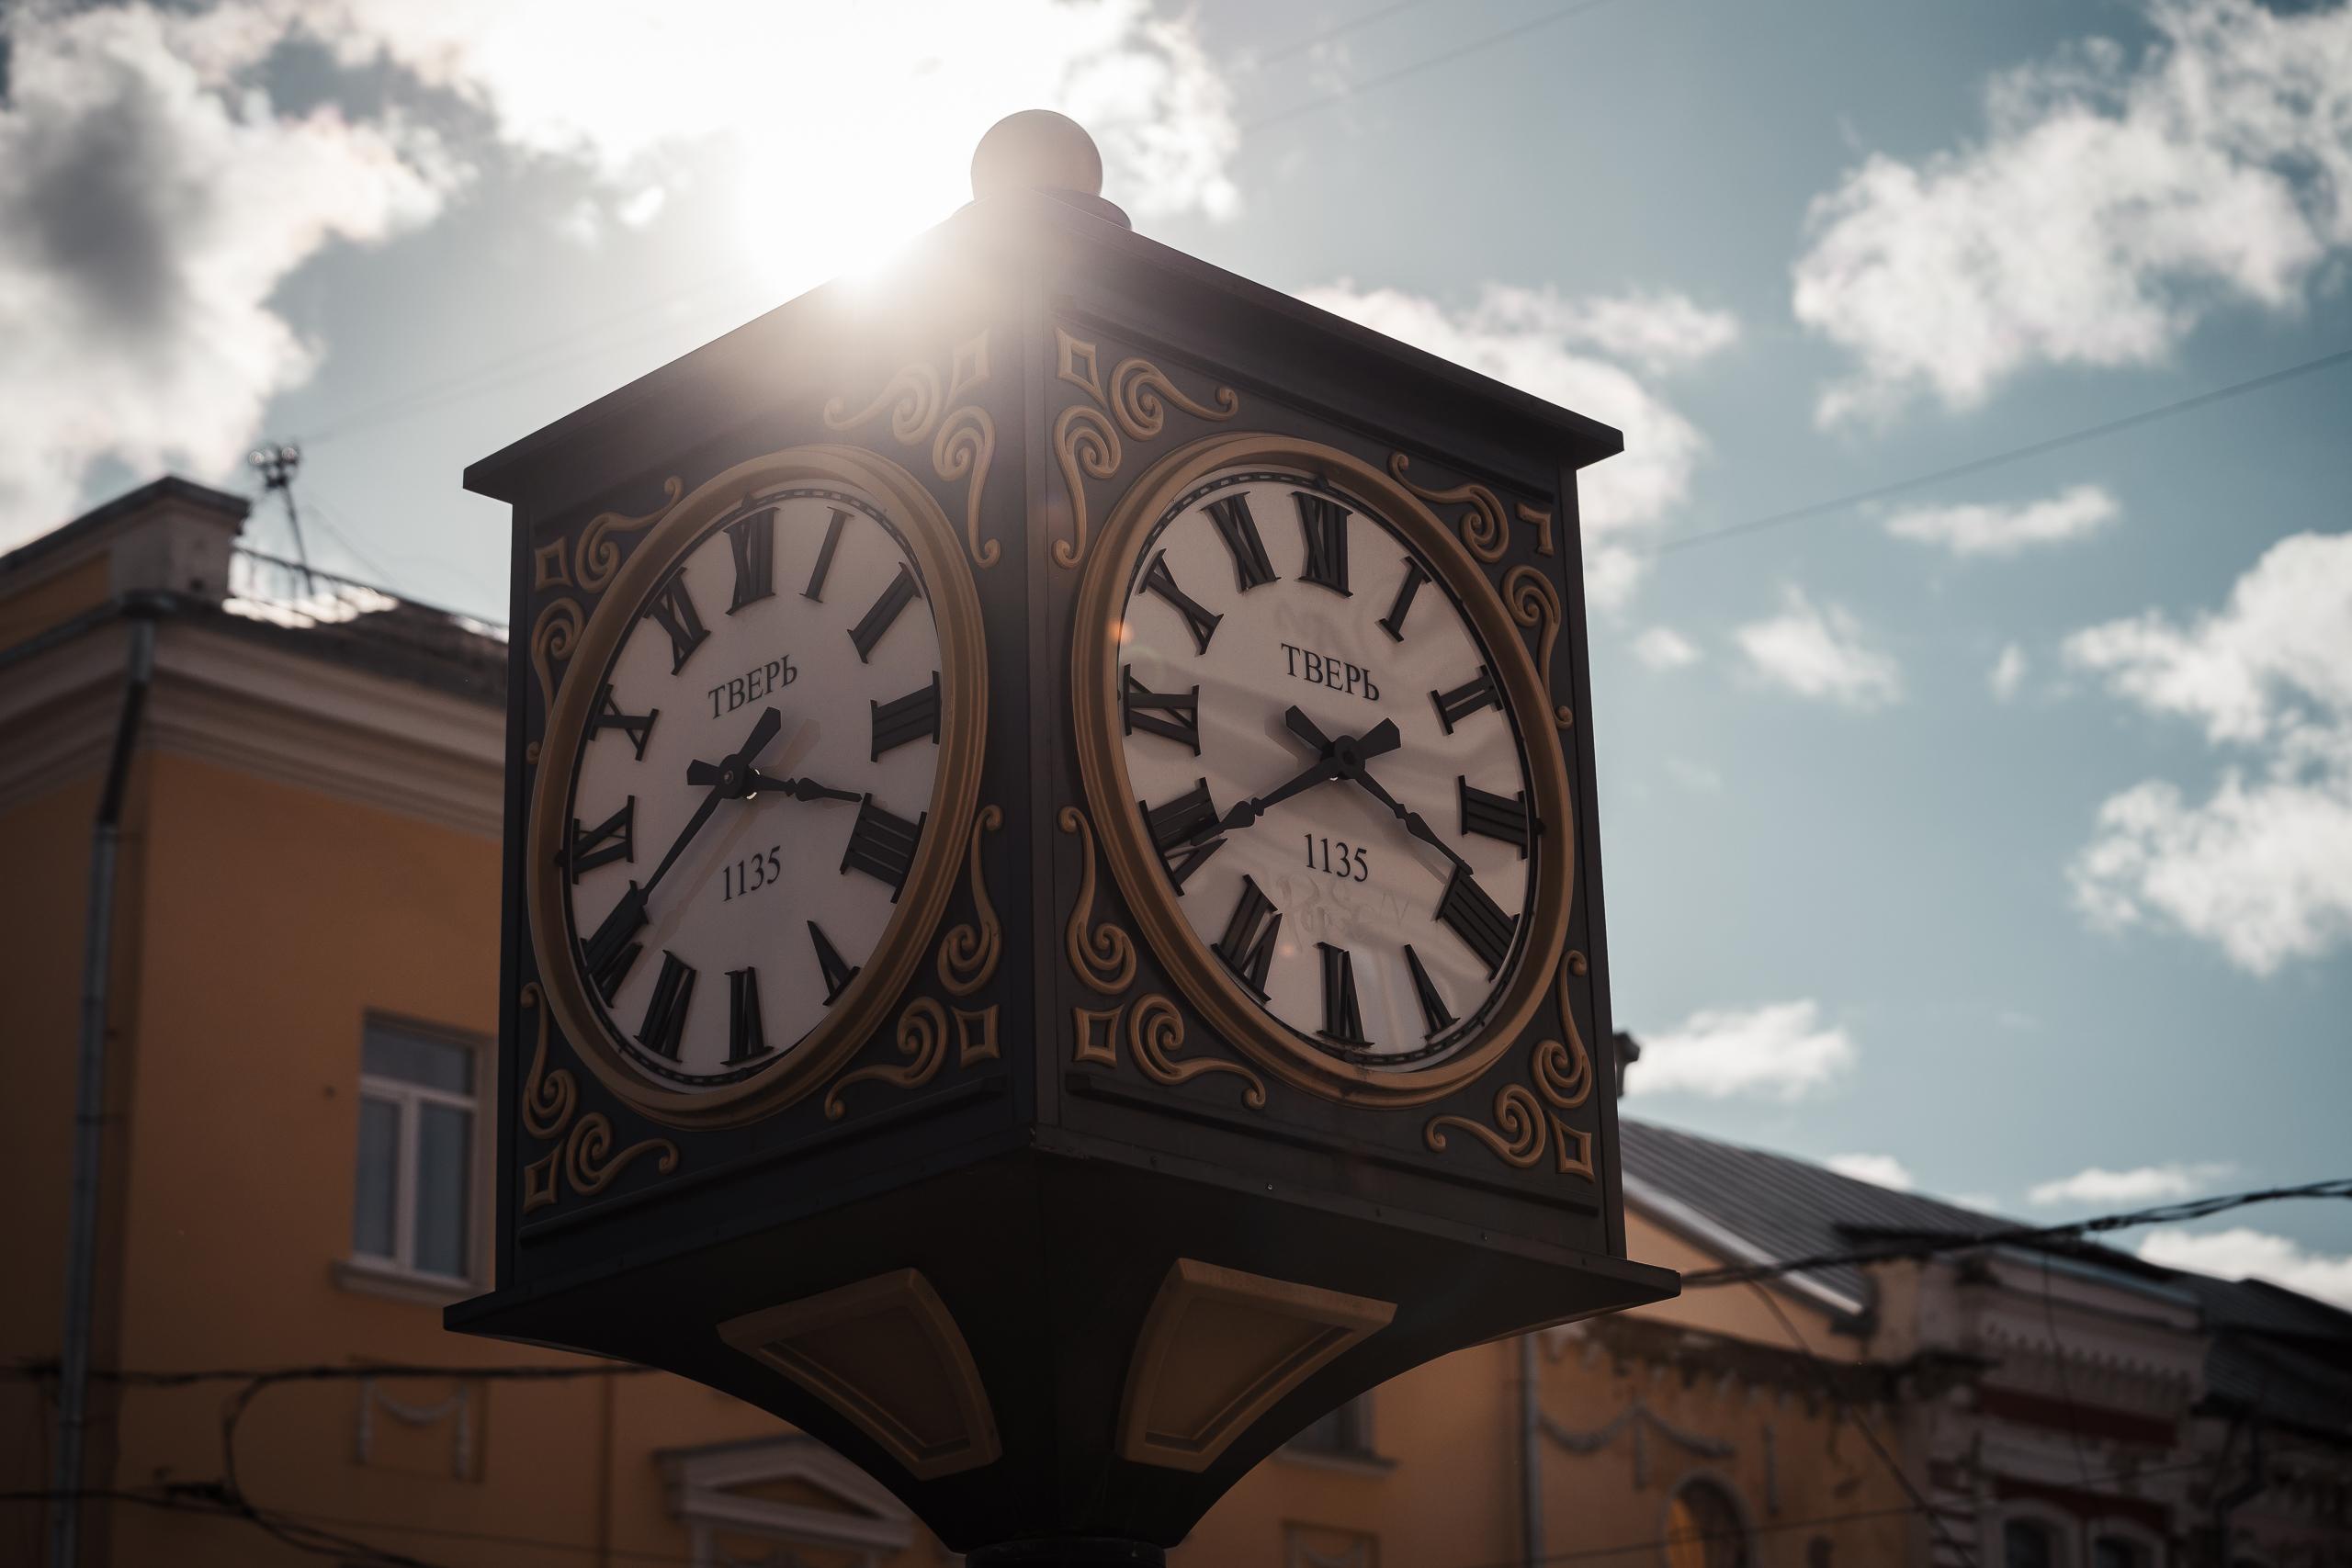 Апрельские заморозки: синоптики опубликовали прогноз на выходные в Тверской области